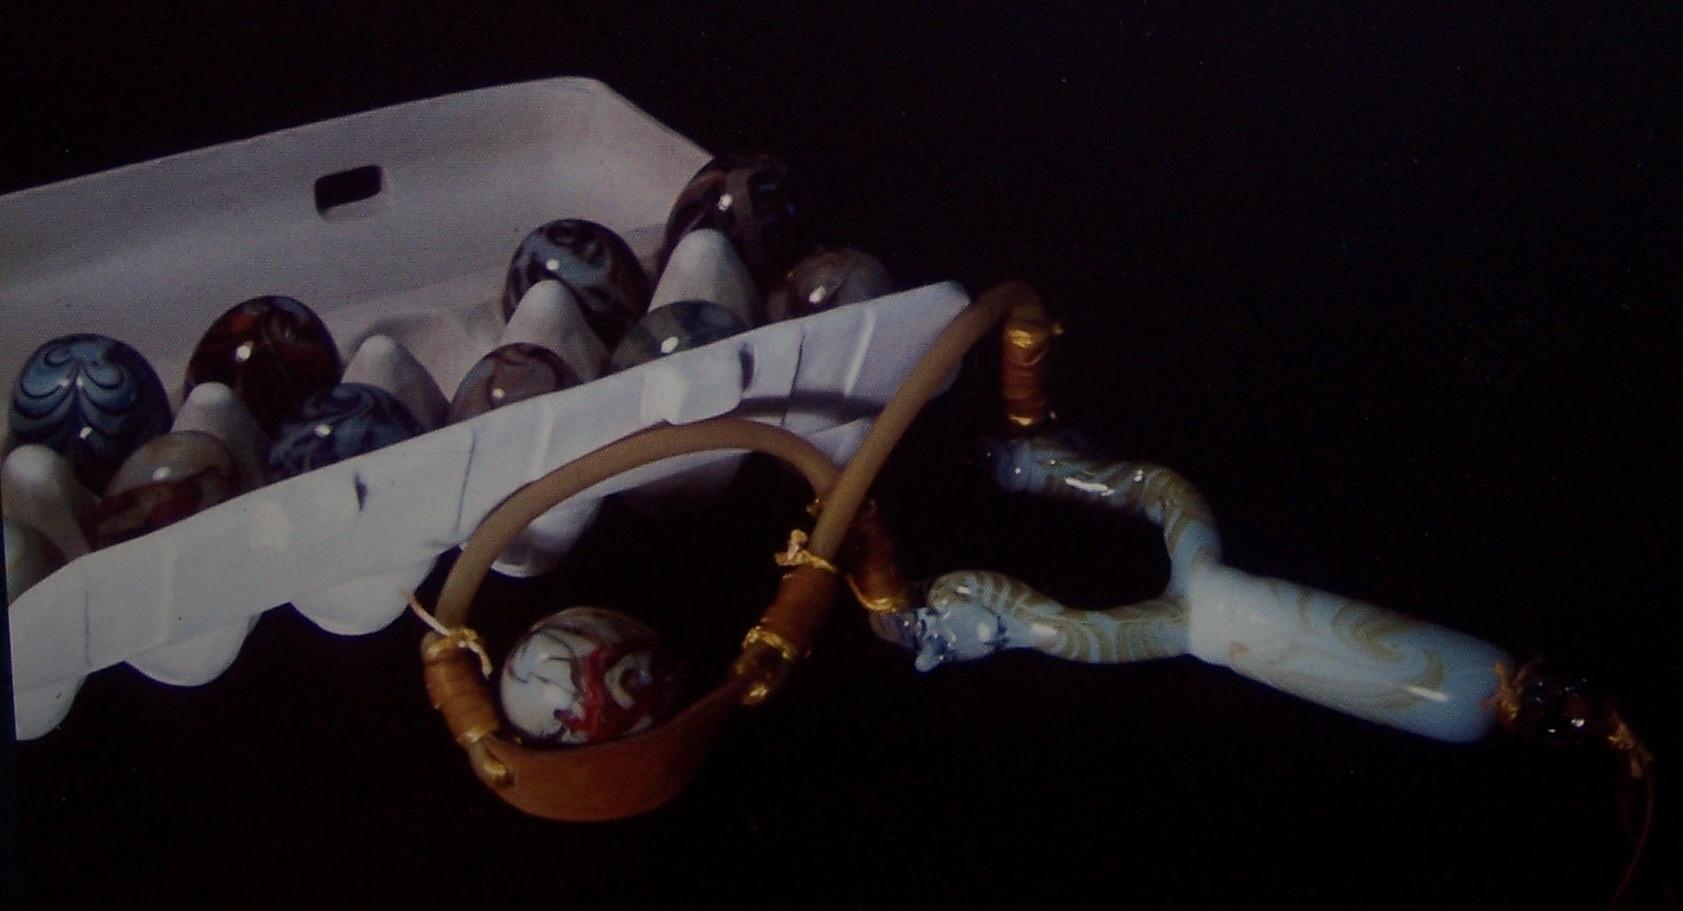 egg carton sling shot - 1976.jpg